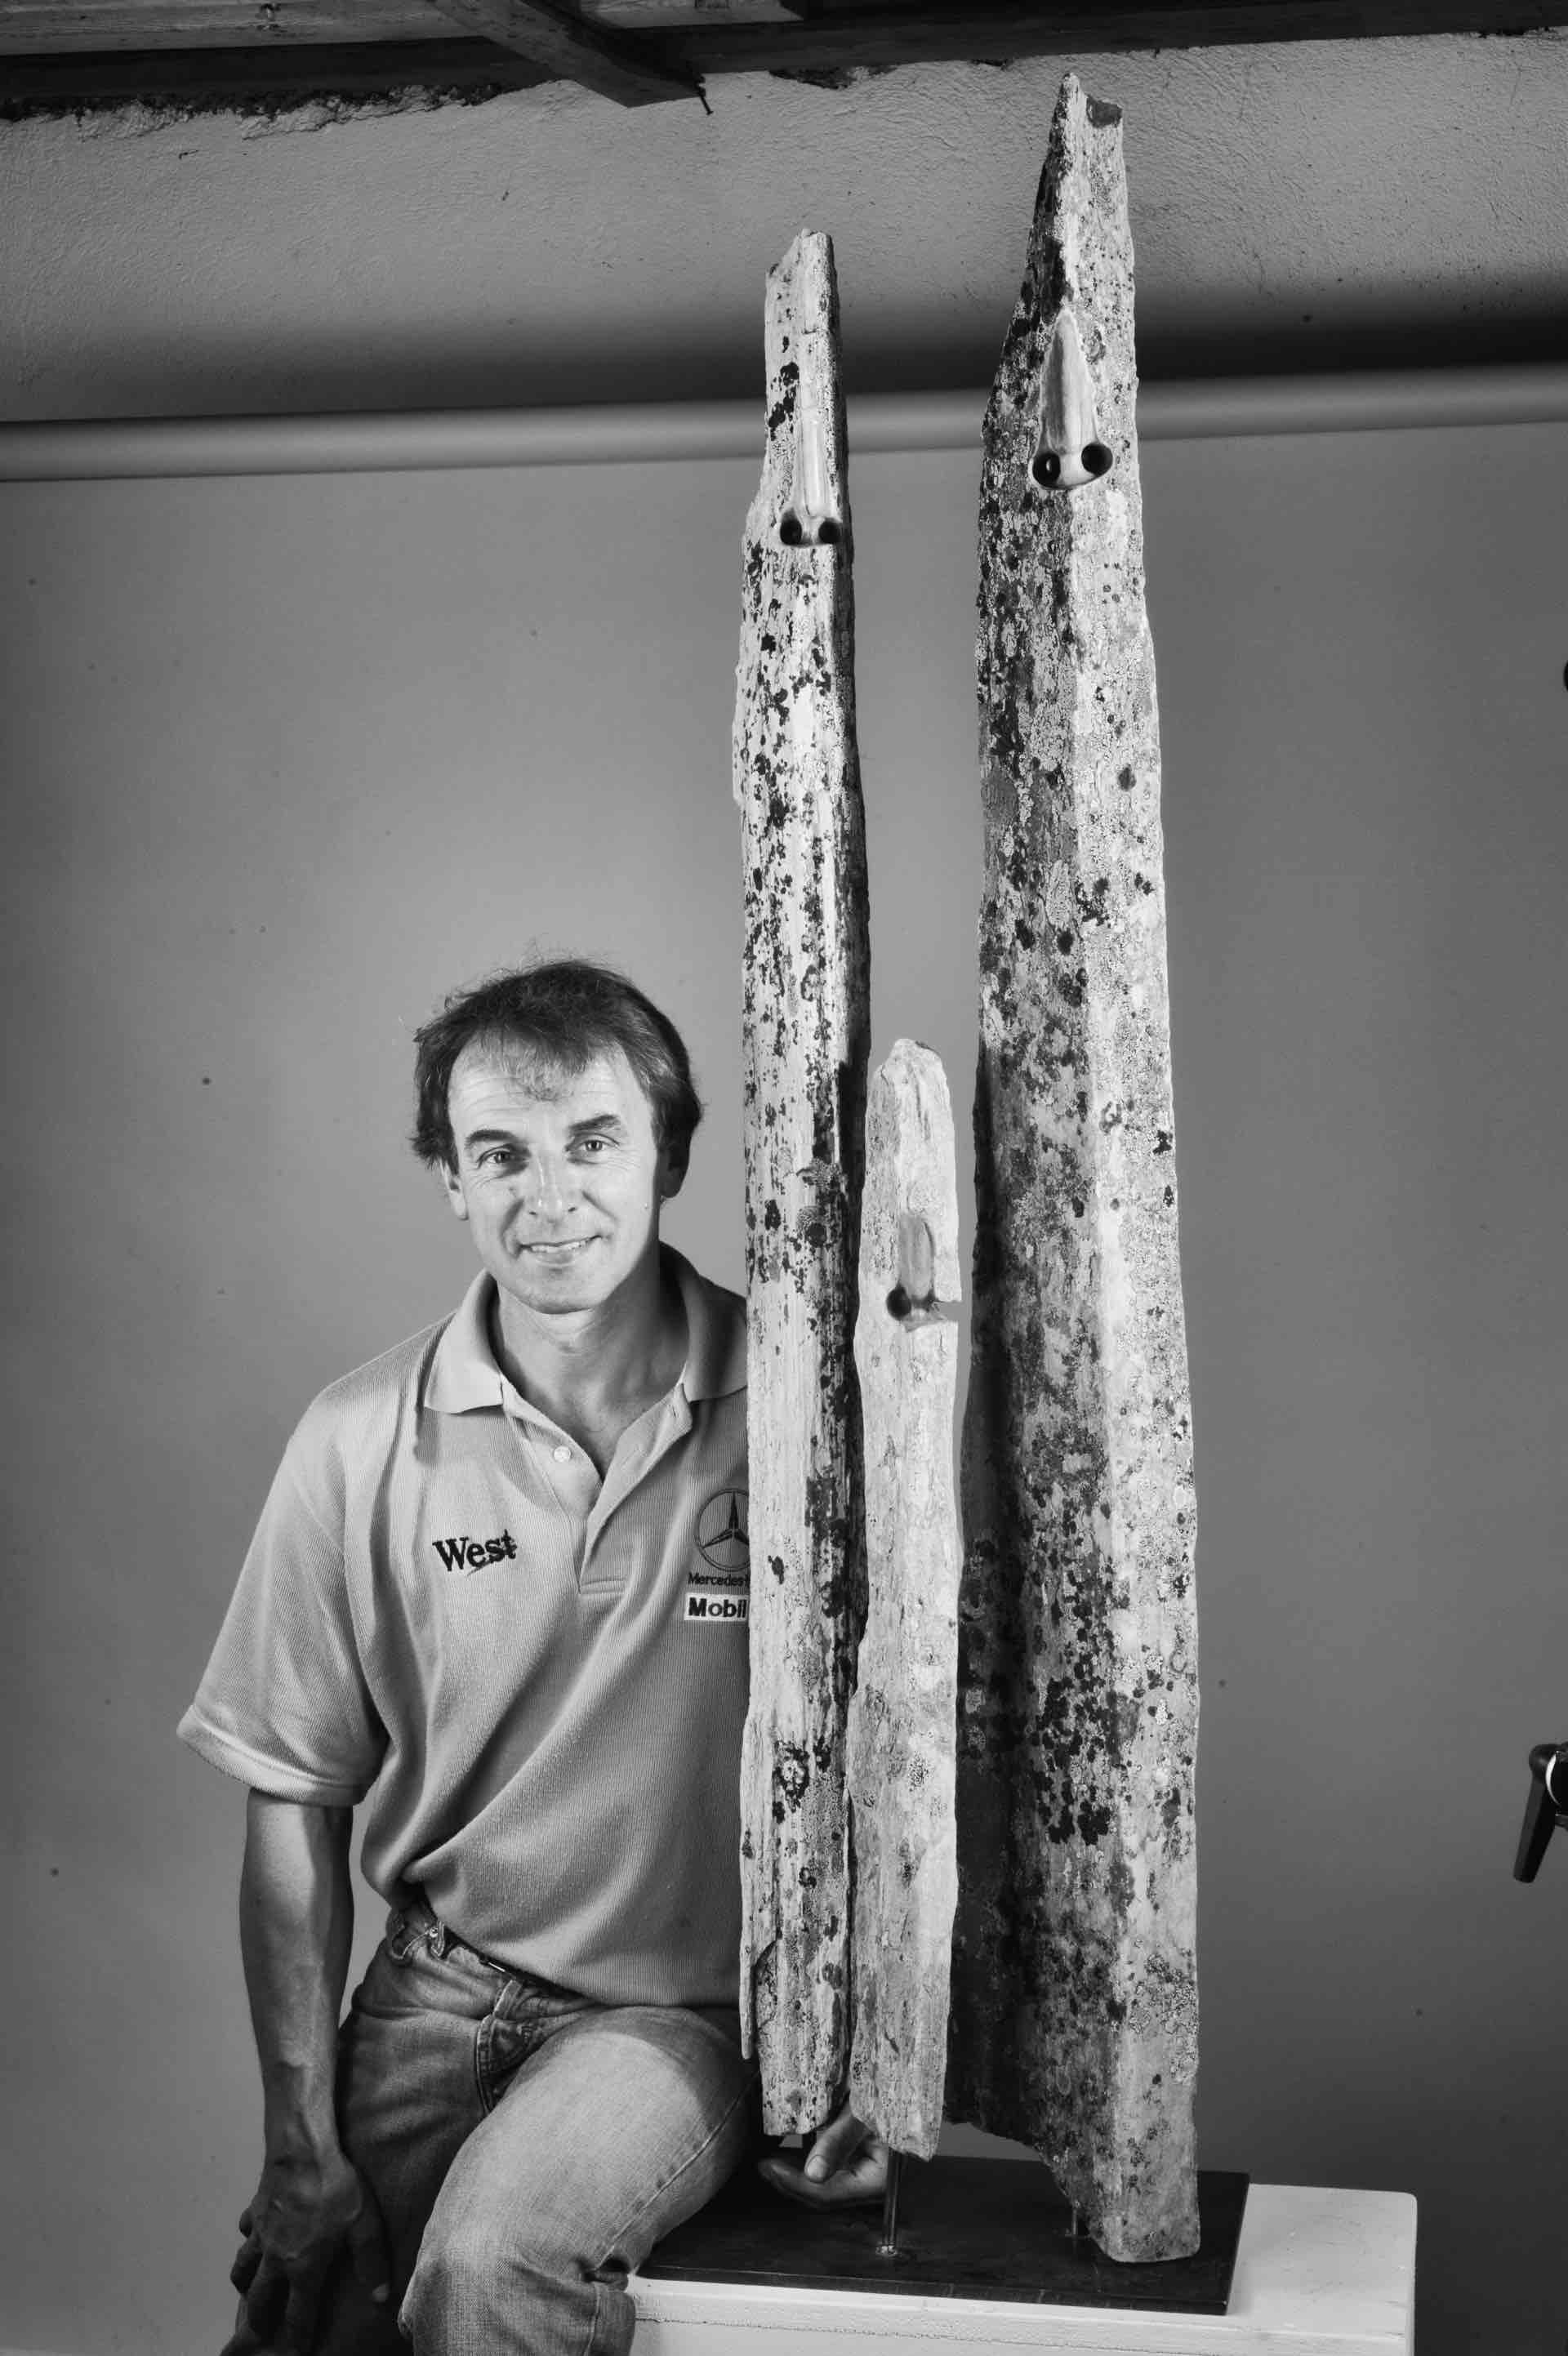 Donato Savin in mostra a Trento